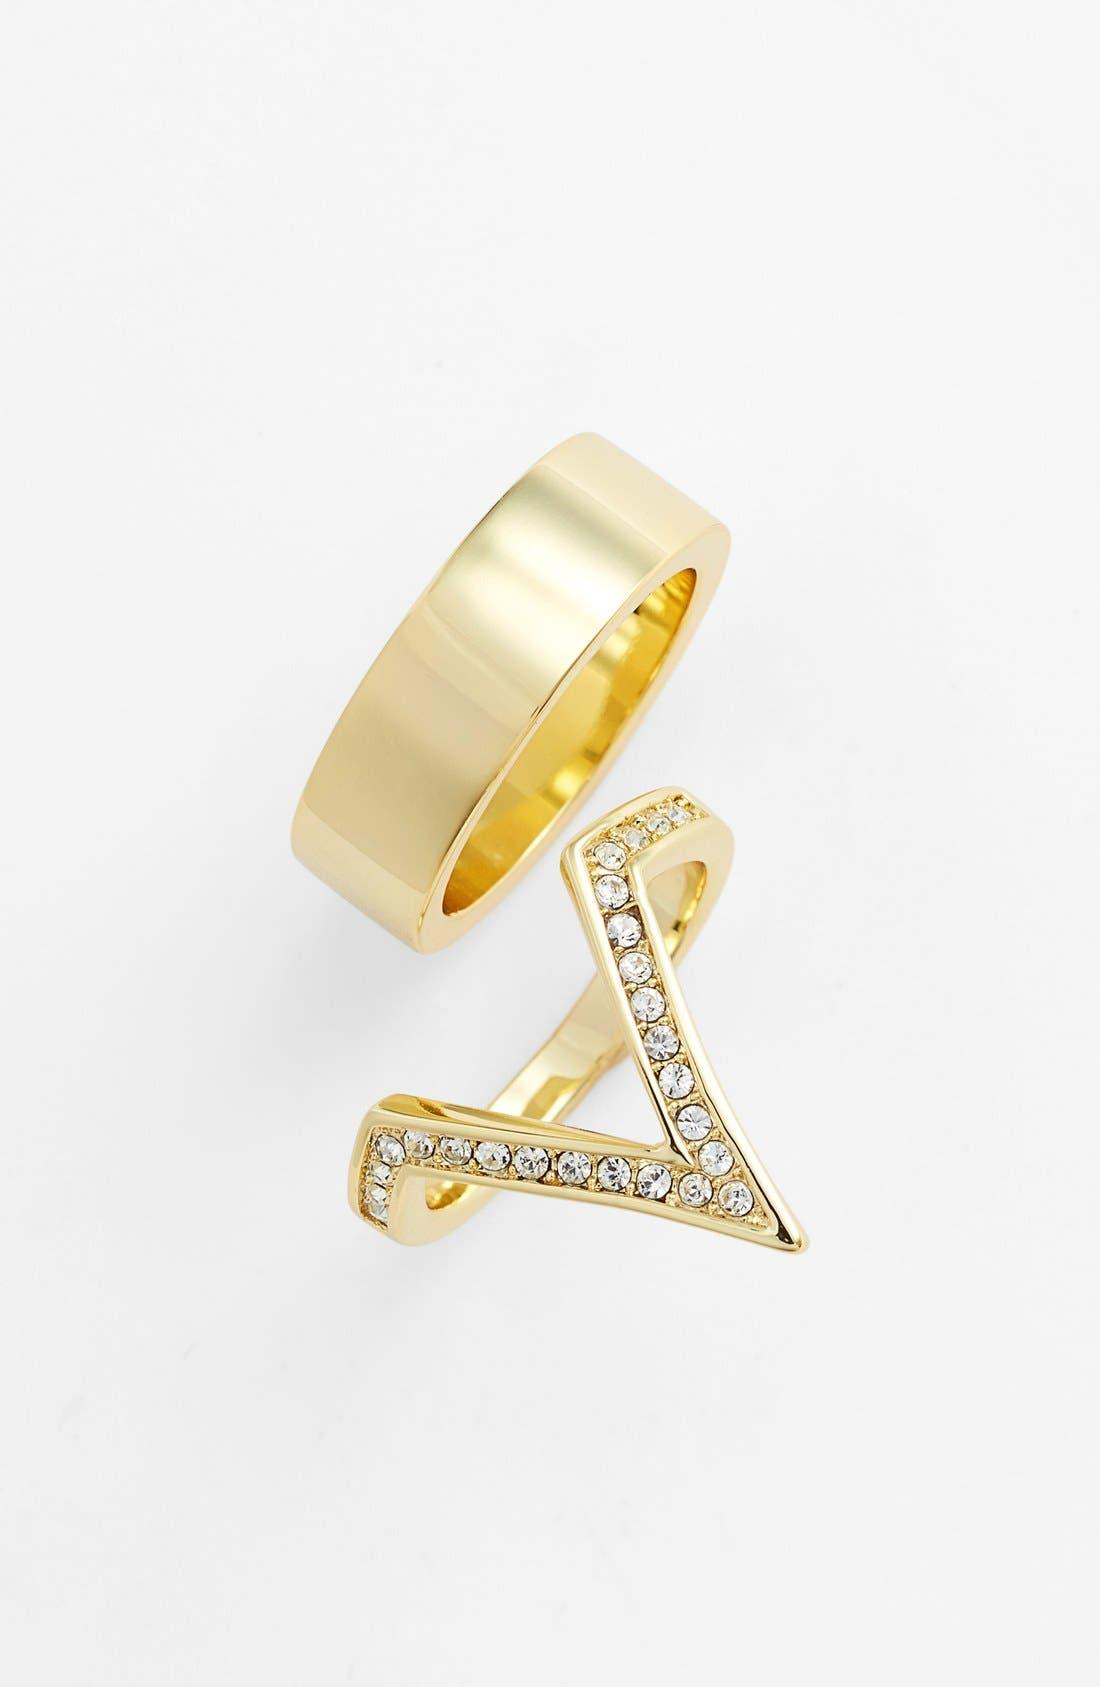 Main Image - Ariella Collection Pavé V Ring & Band Ring (Set of 2)